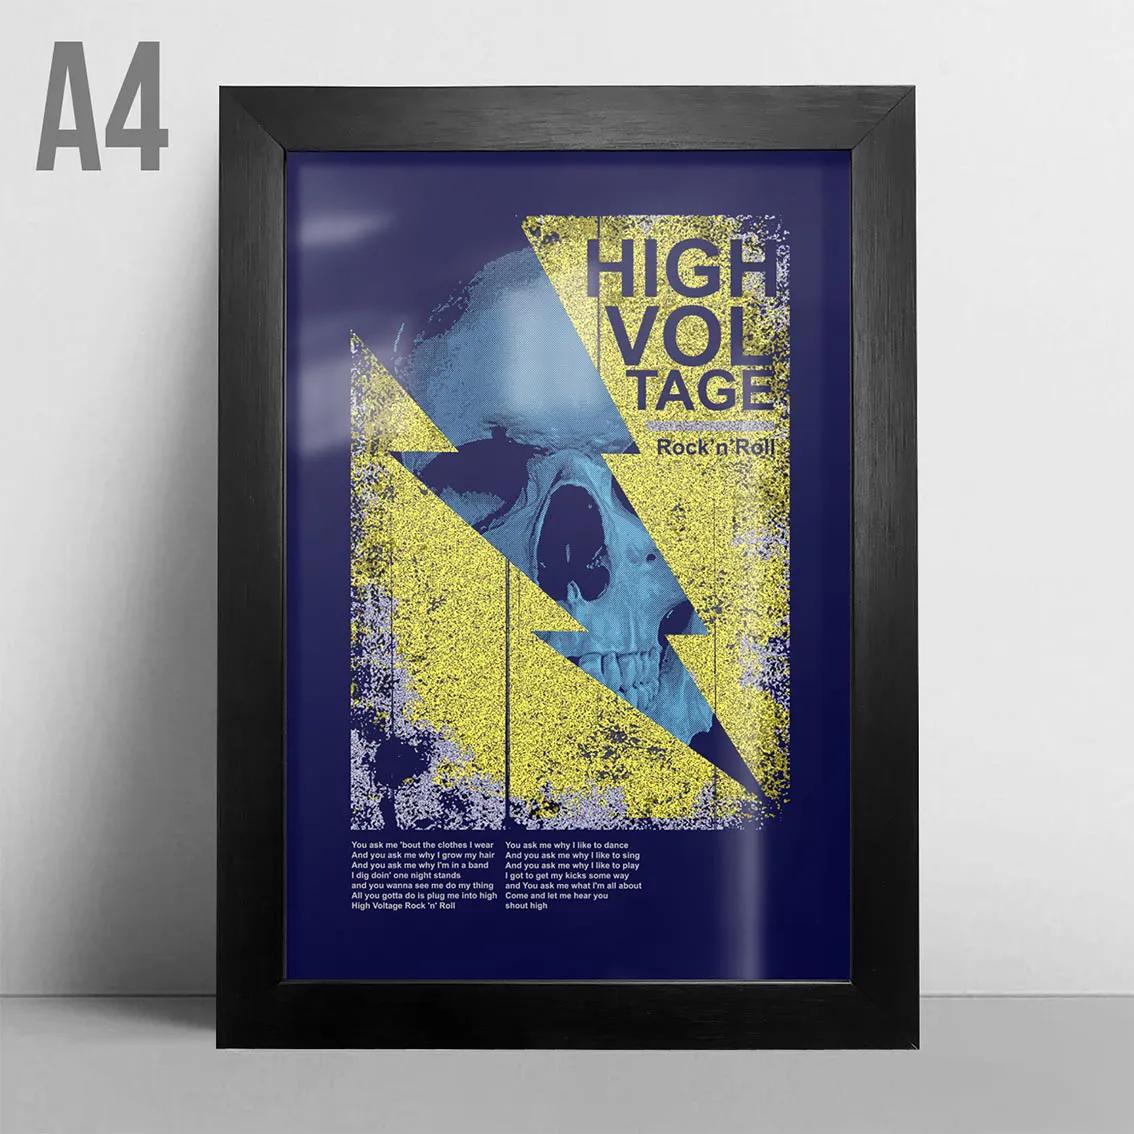 Quadro A4 - High Voltage